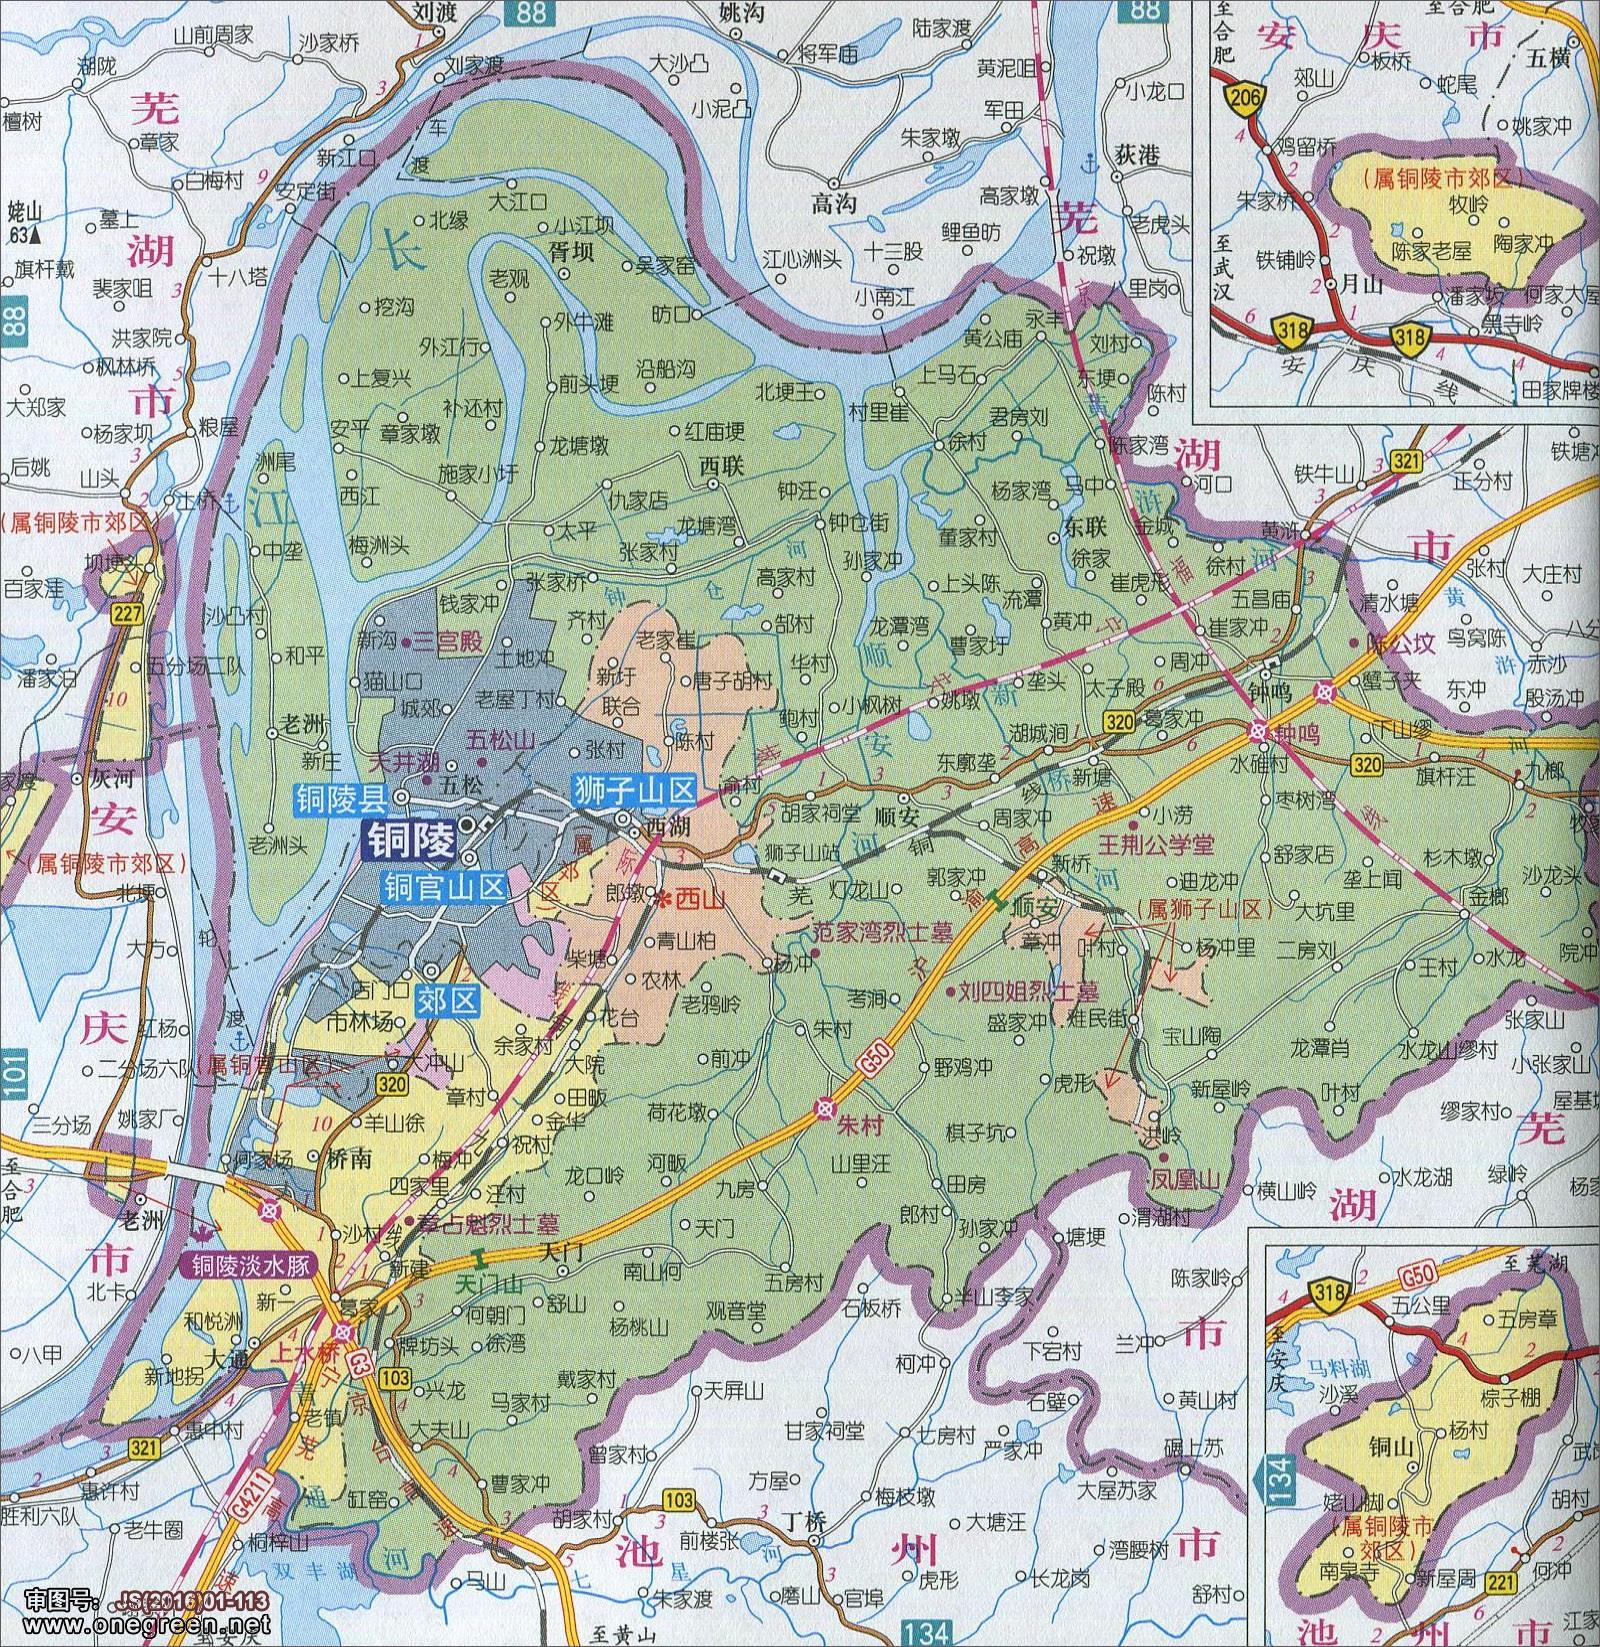 铜陵市地图高清版